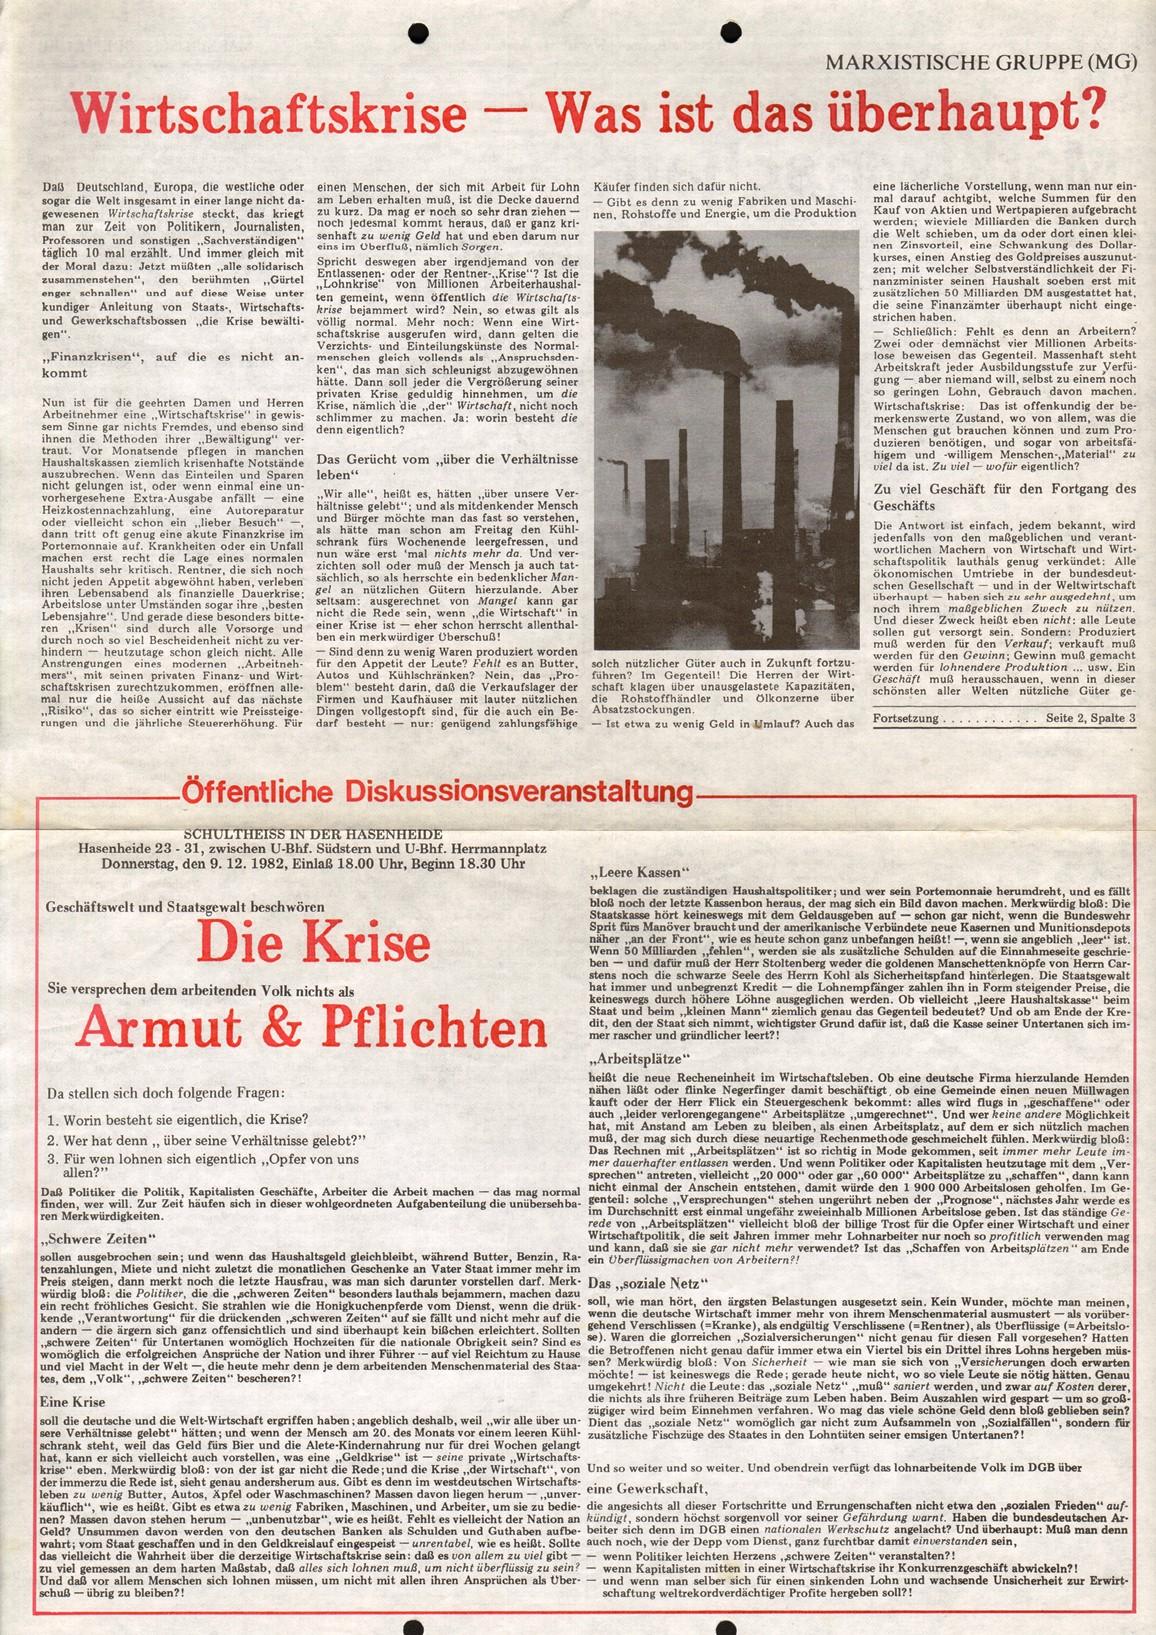 Berlin_MG_FB_19821206a_01